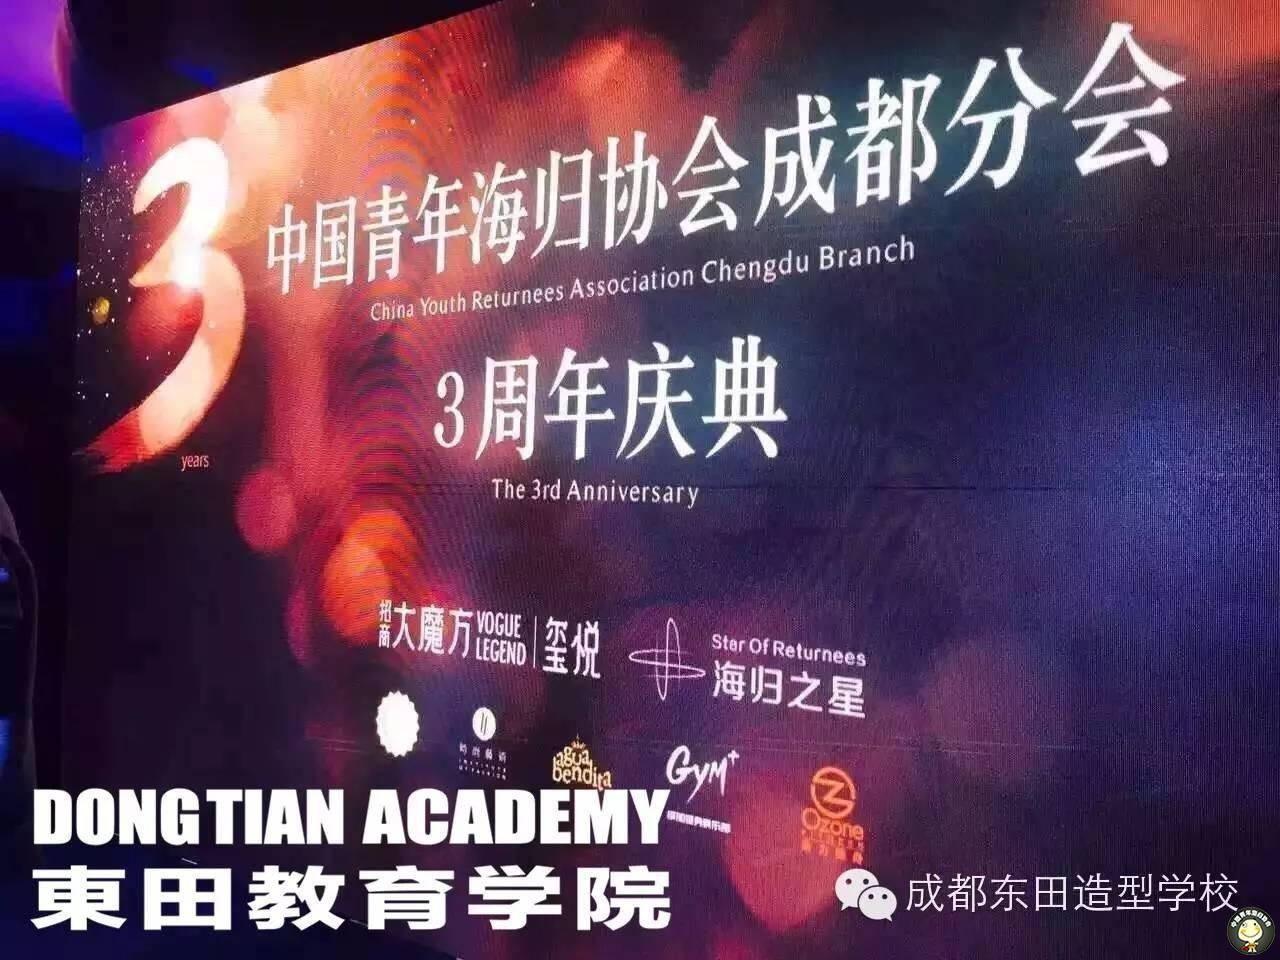 【课外实践】成都东田造型学校助力中国青年海归协会庆典